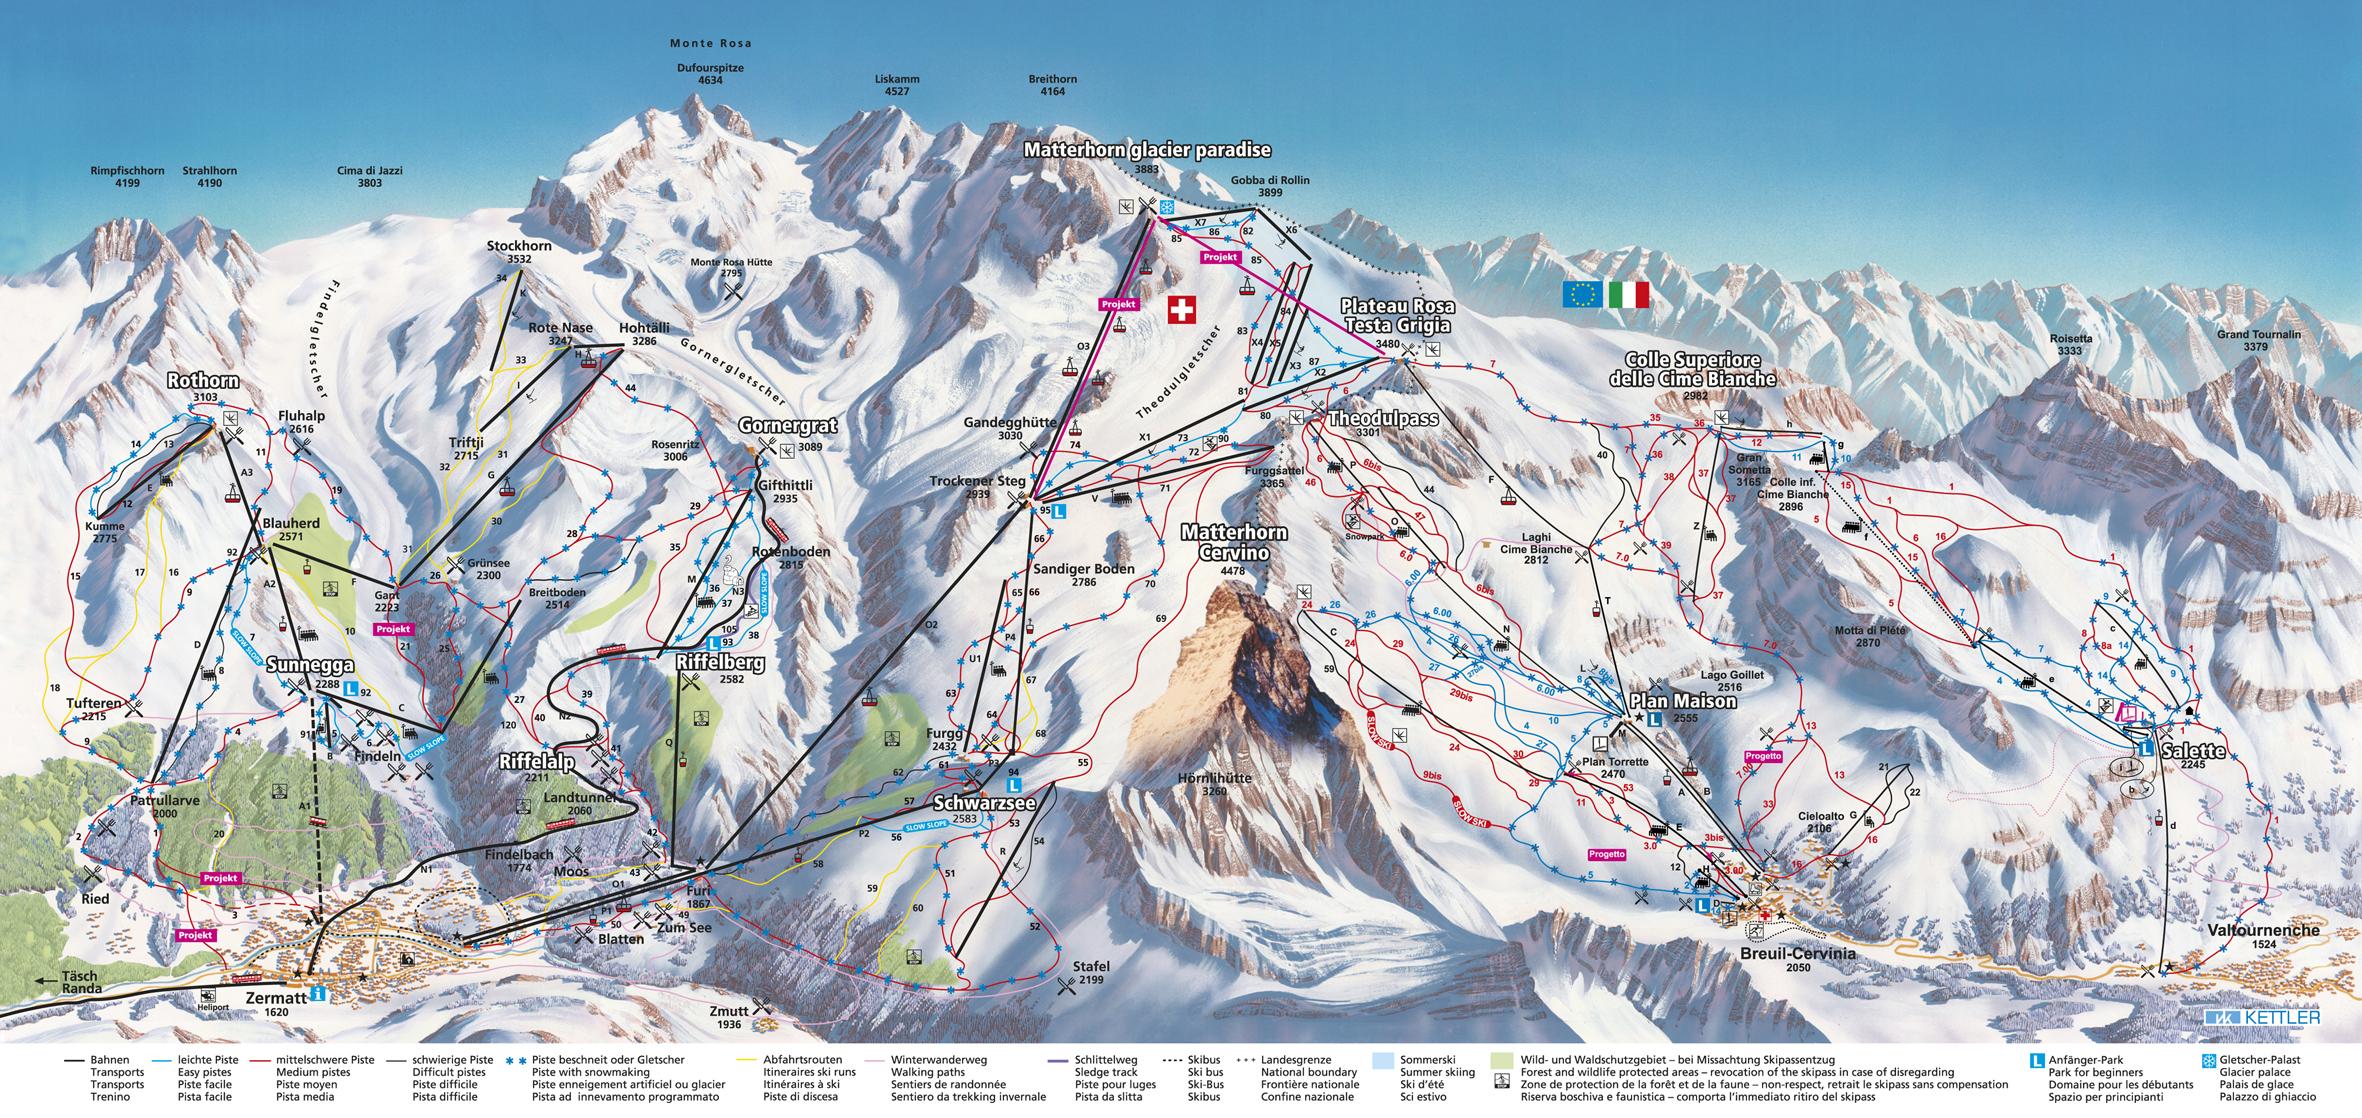 Pistenplan Skigebiet Zermatt - Zermattportal.de